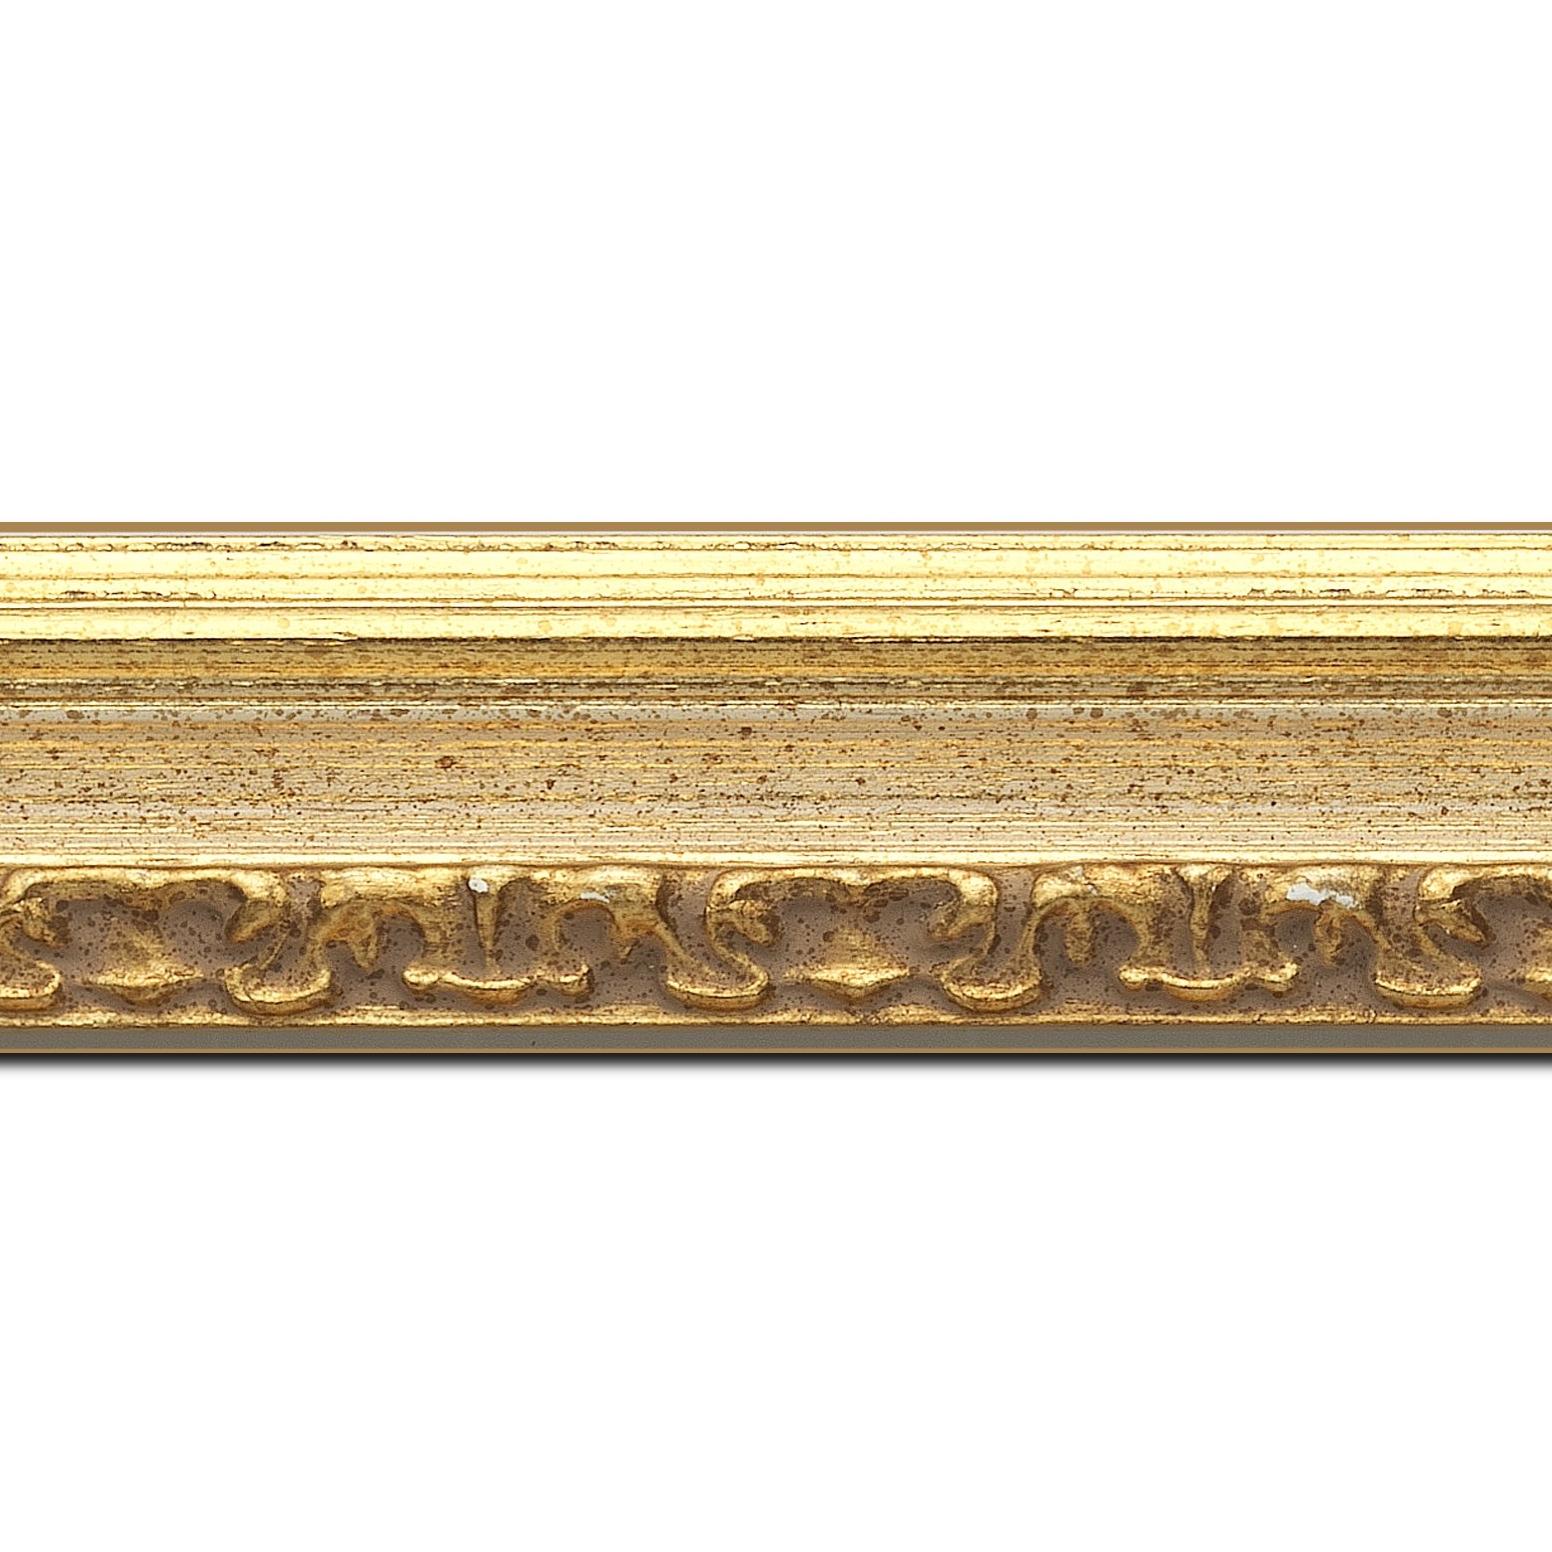 Pack par 12m, bois profil incurvé largeur 5.1cm couleur or patiné à la feuille gorge crème fond or nez ornement (longueur baguette pouvant varier entre 2.40m et 3m selon arrivage des bois)